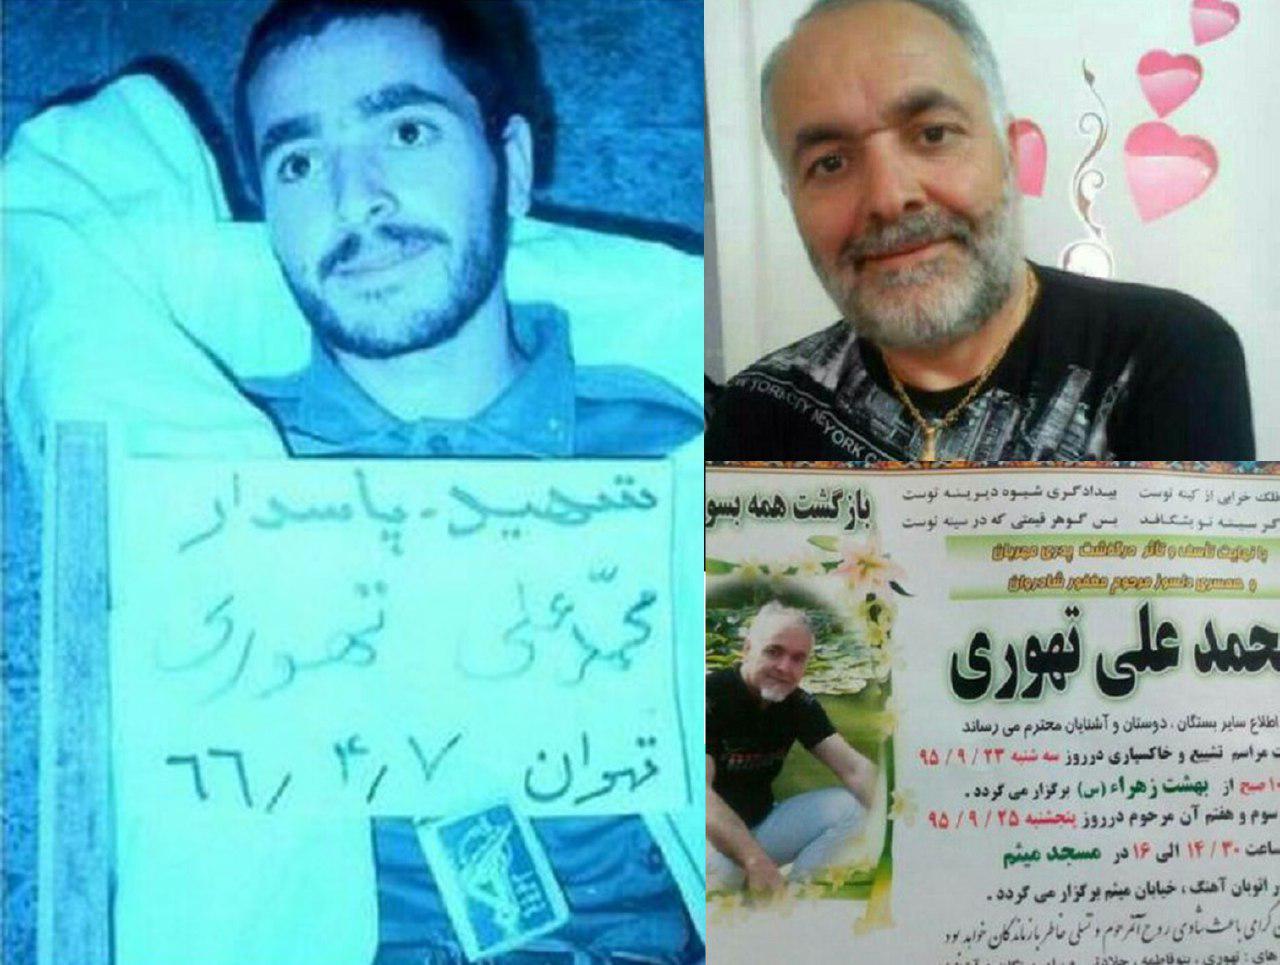 مردی که با آرزوی شهادت، فوت کرد + عکس